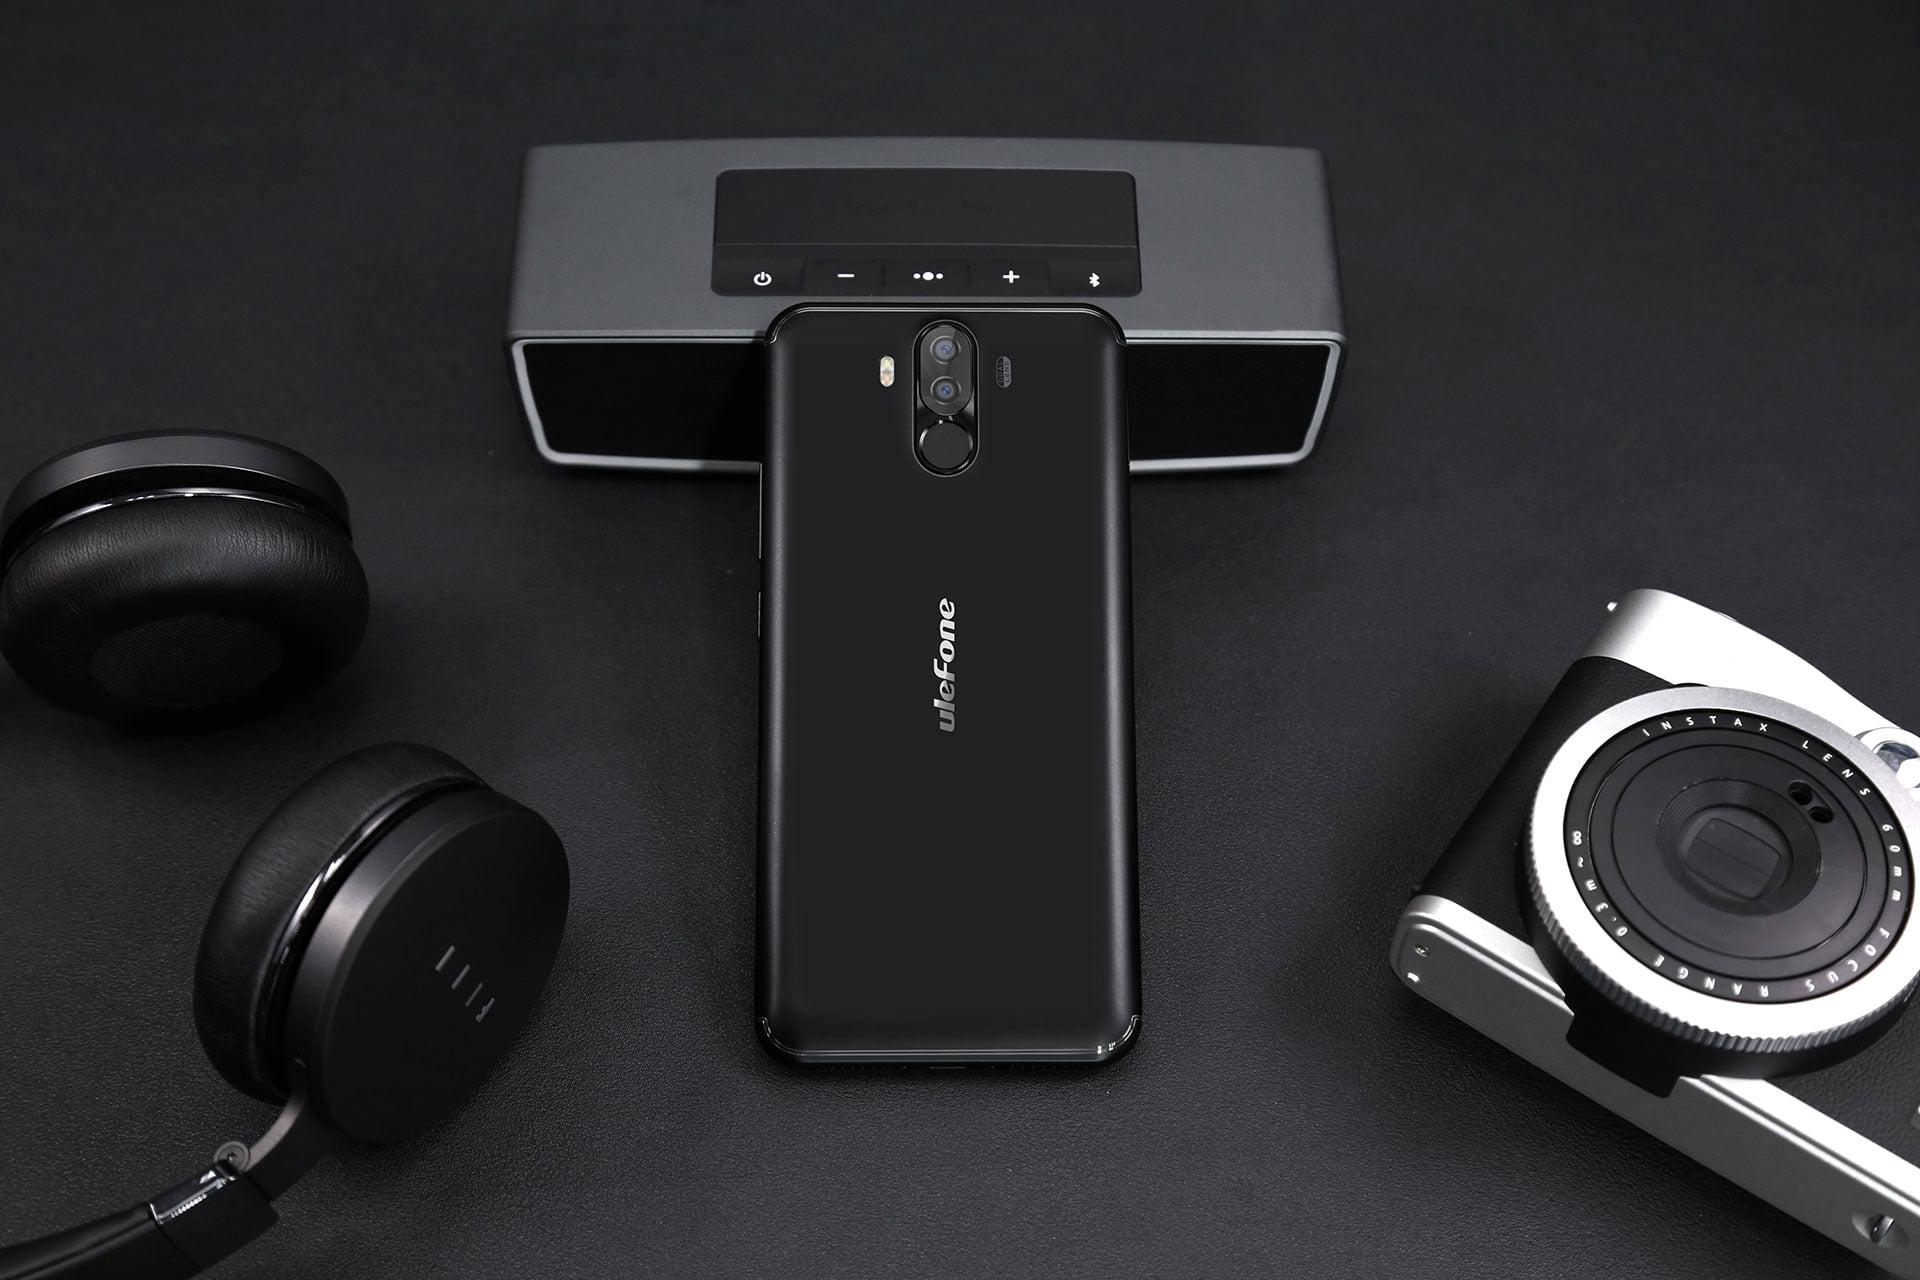 Tabletowo.pl Wkrótce ruszy przedsprzedaż Ulefone Power 3, ale już teraz można zagrać o jeden z trzech egzemplarzy Android Chińskie Smartfony